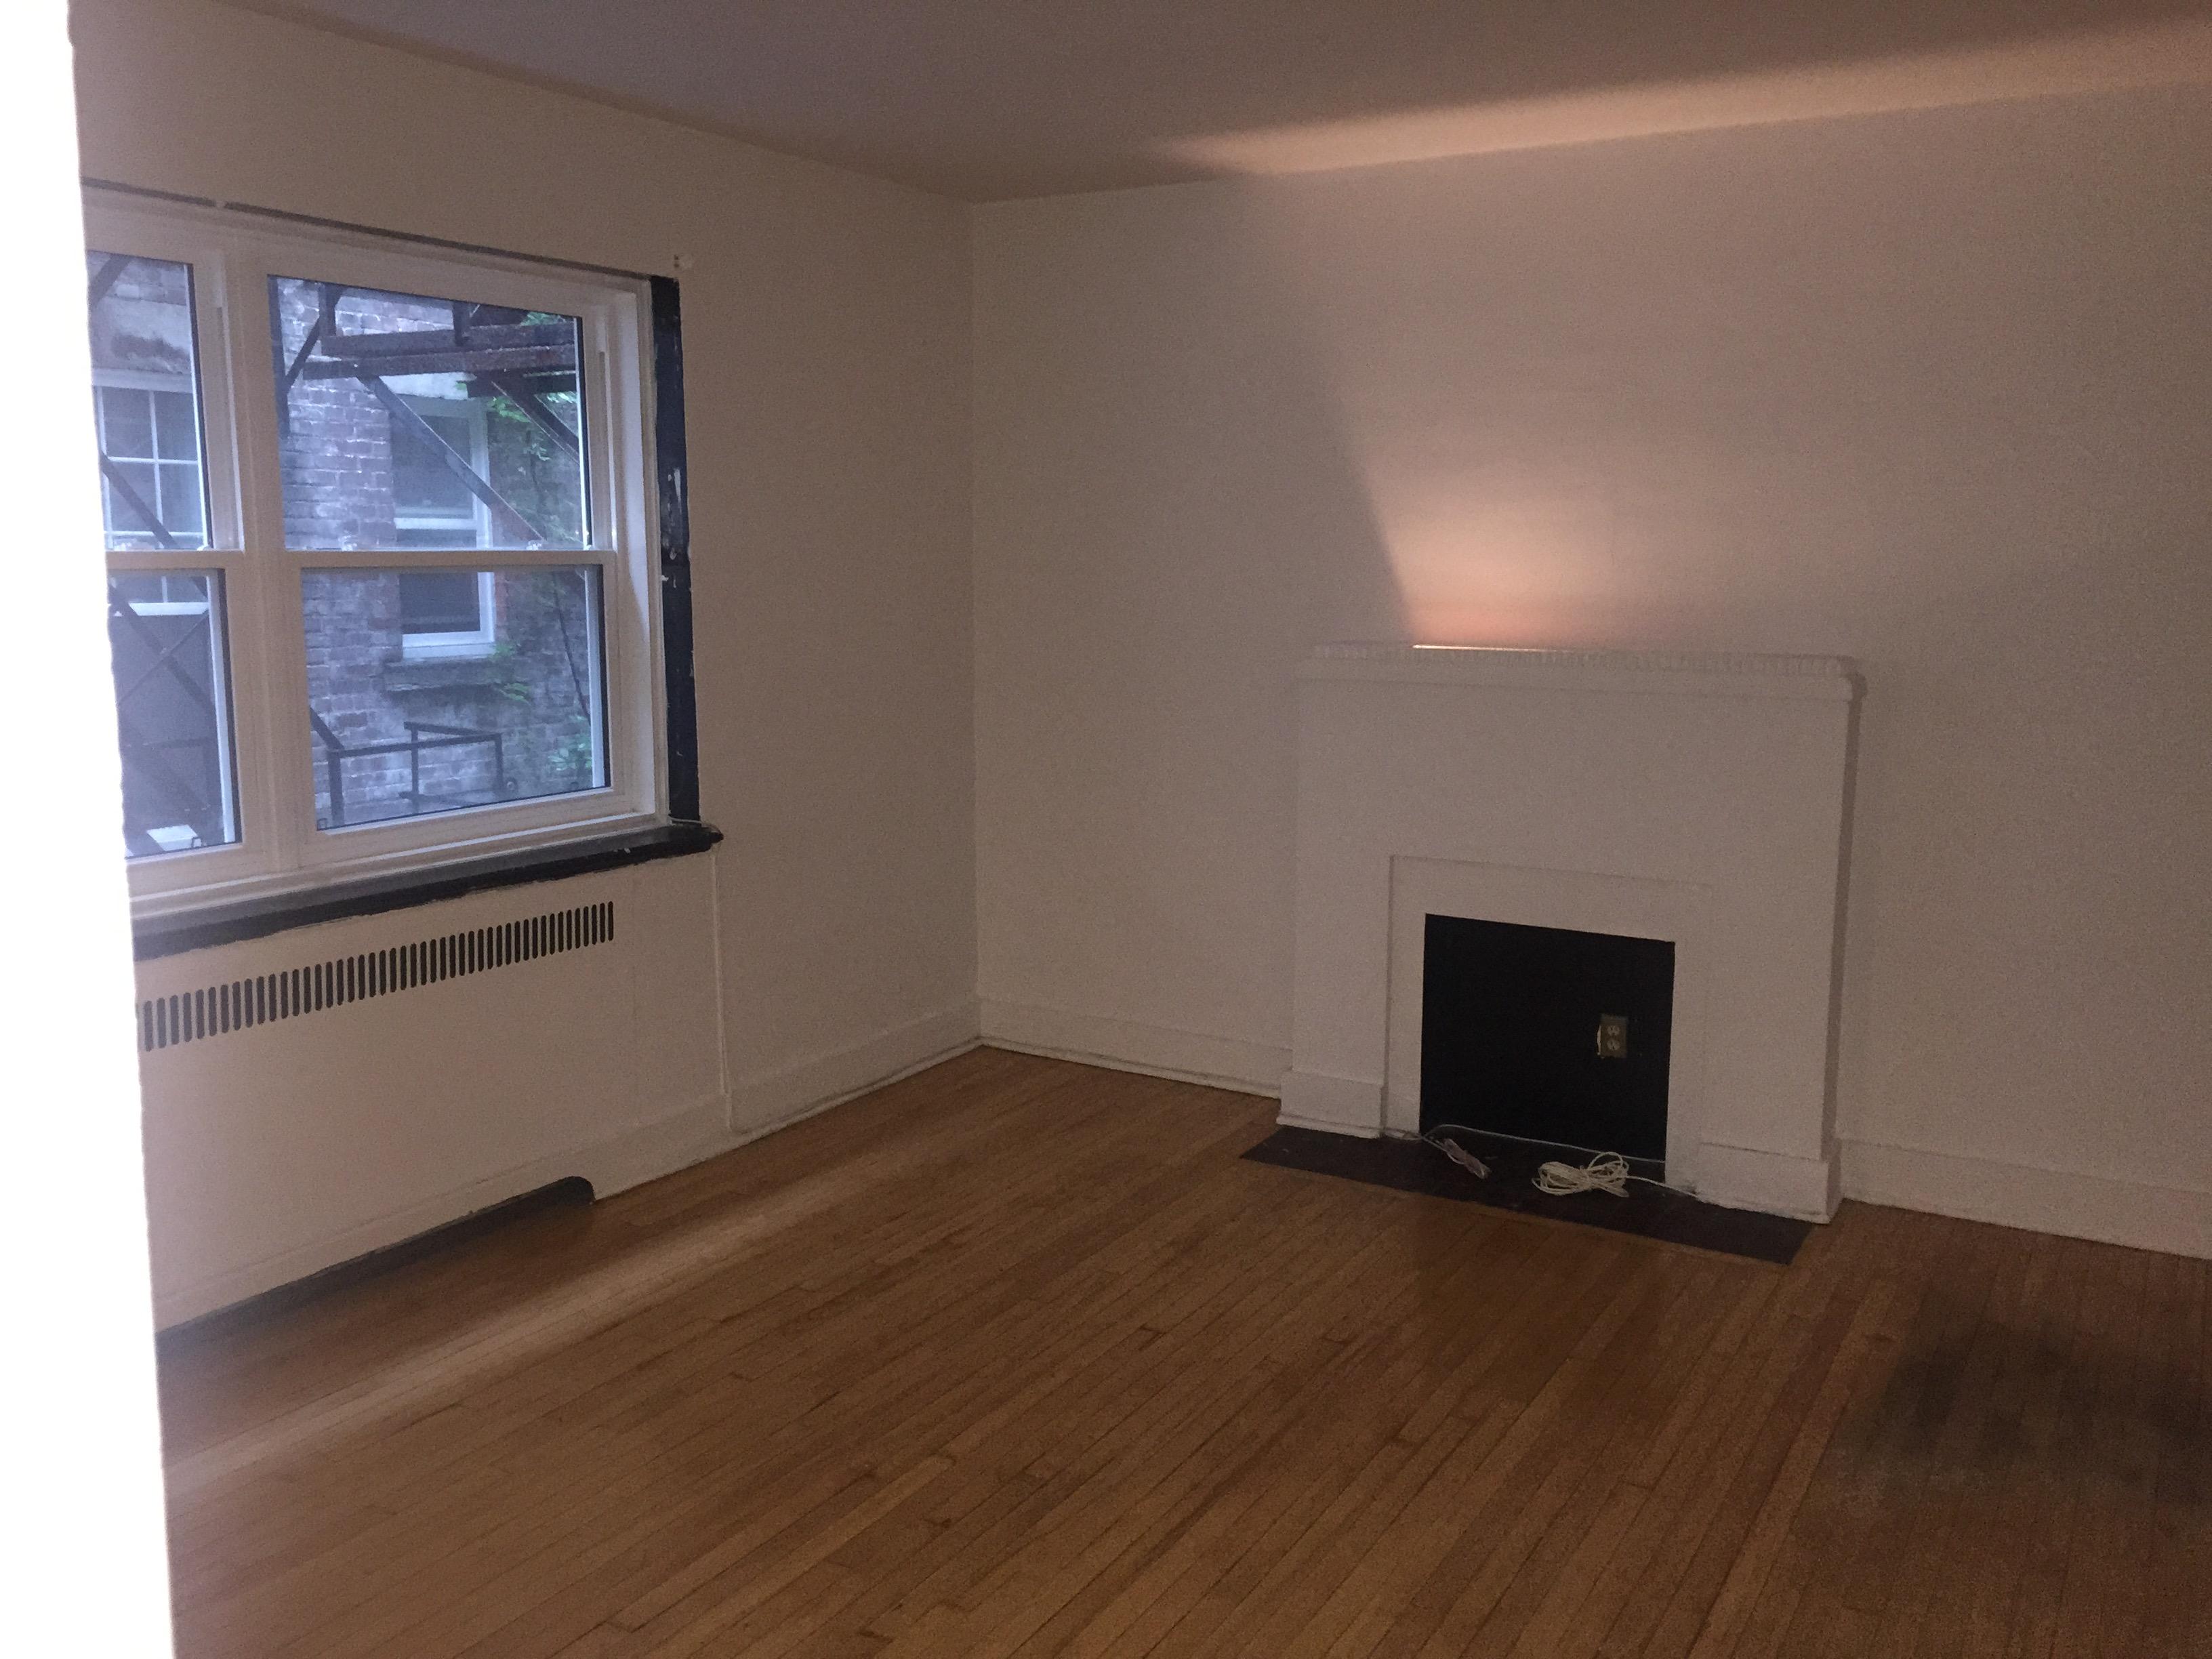 Appartement Studio / Bachelor a louer à Montréal (Centre-Ville) a 2070 Chomedey - Photo 01 - PagesDesLocataires – L112096